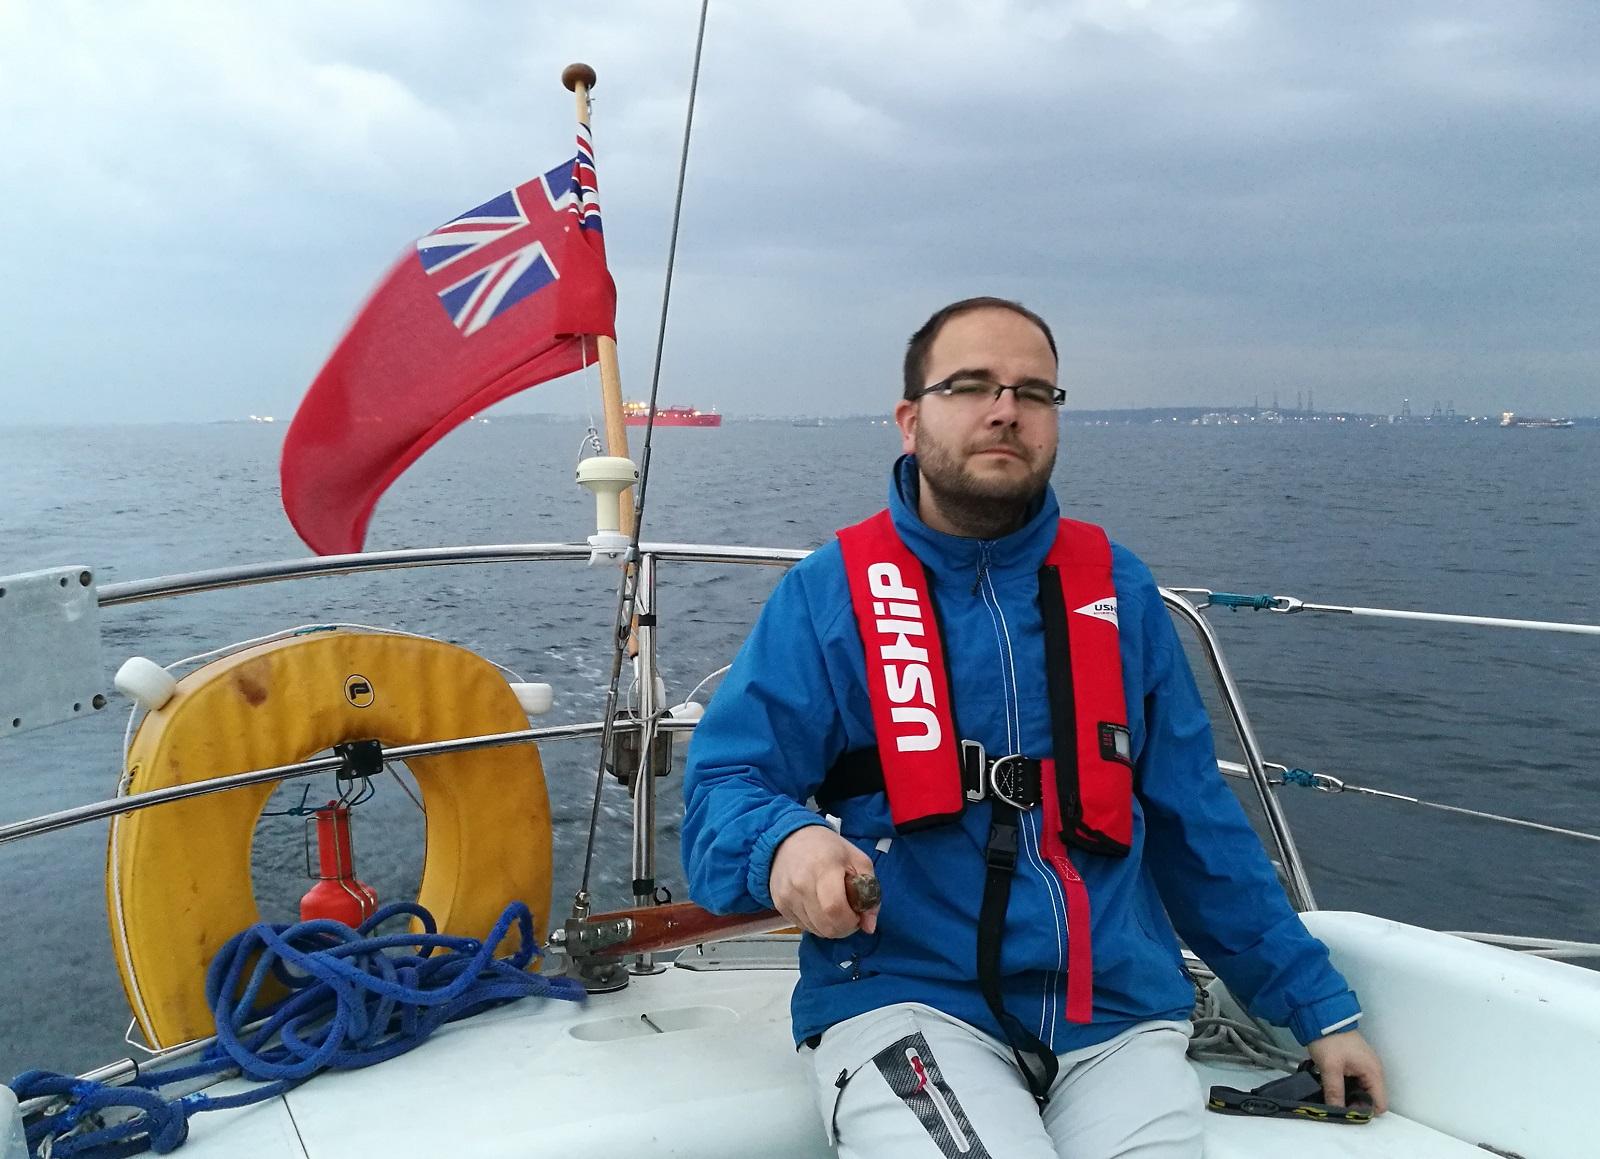 3x poprvé: v Atlantiku, u píny a pod britskou vlajkou